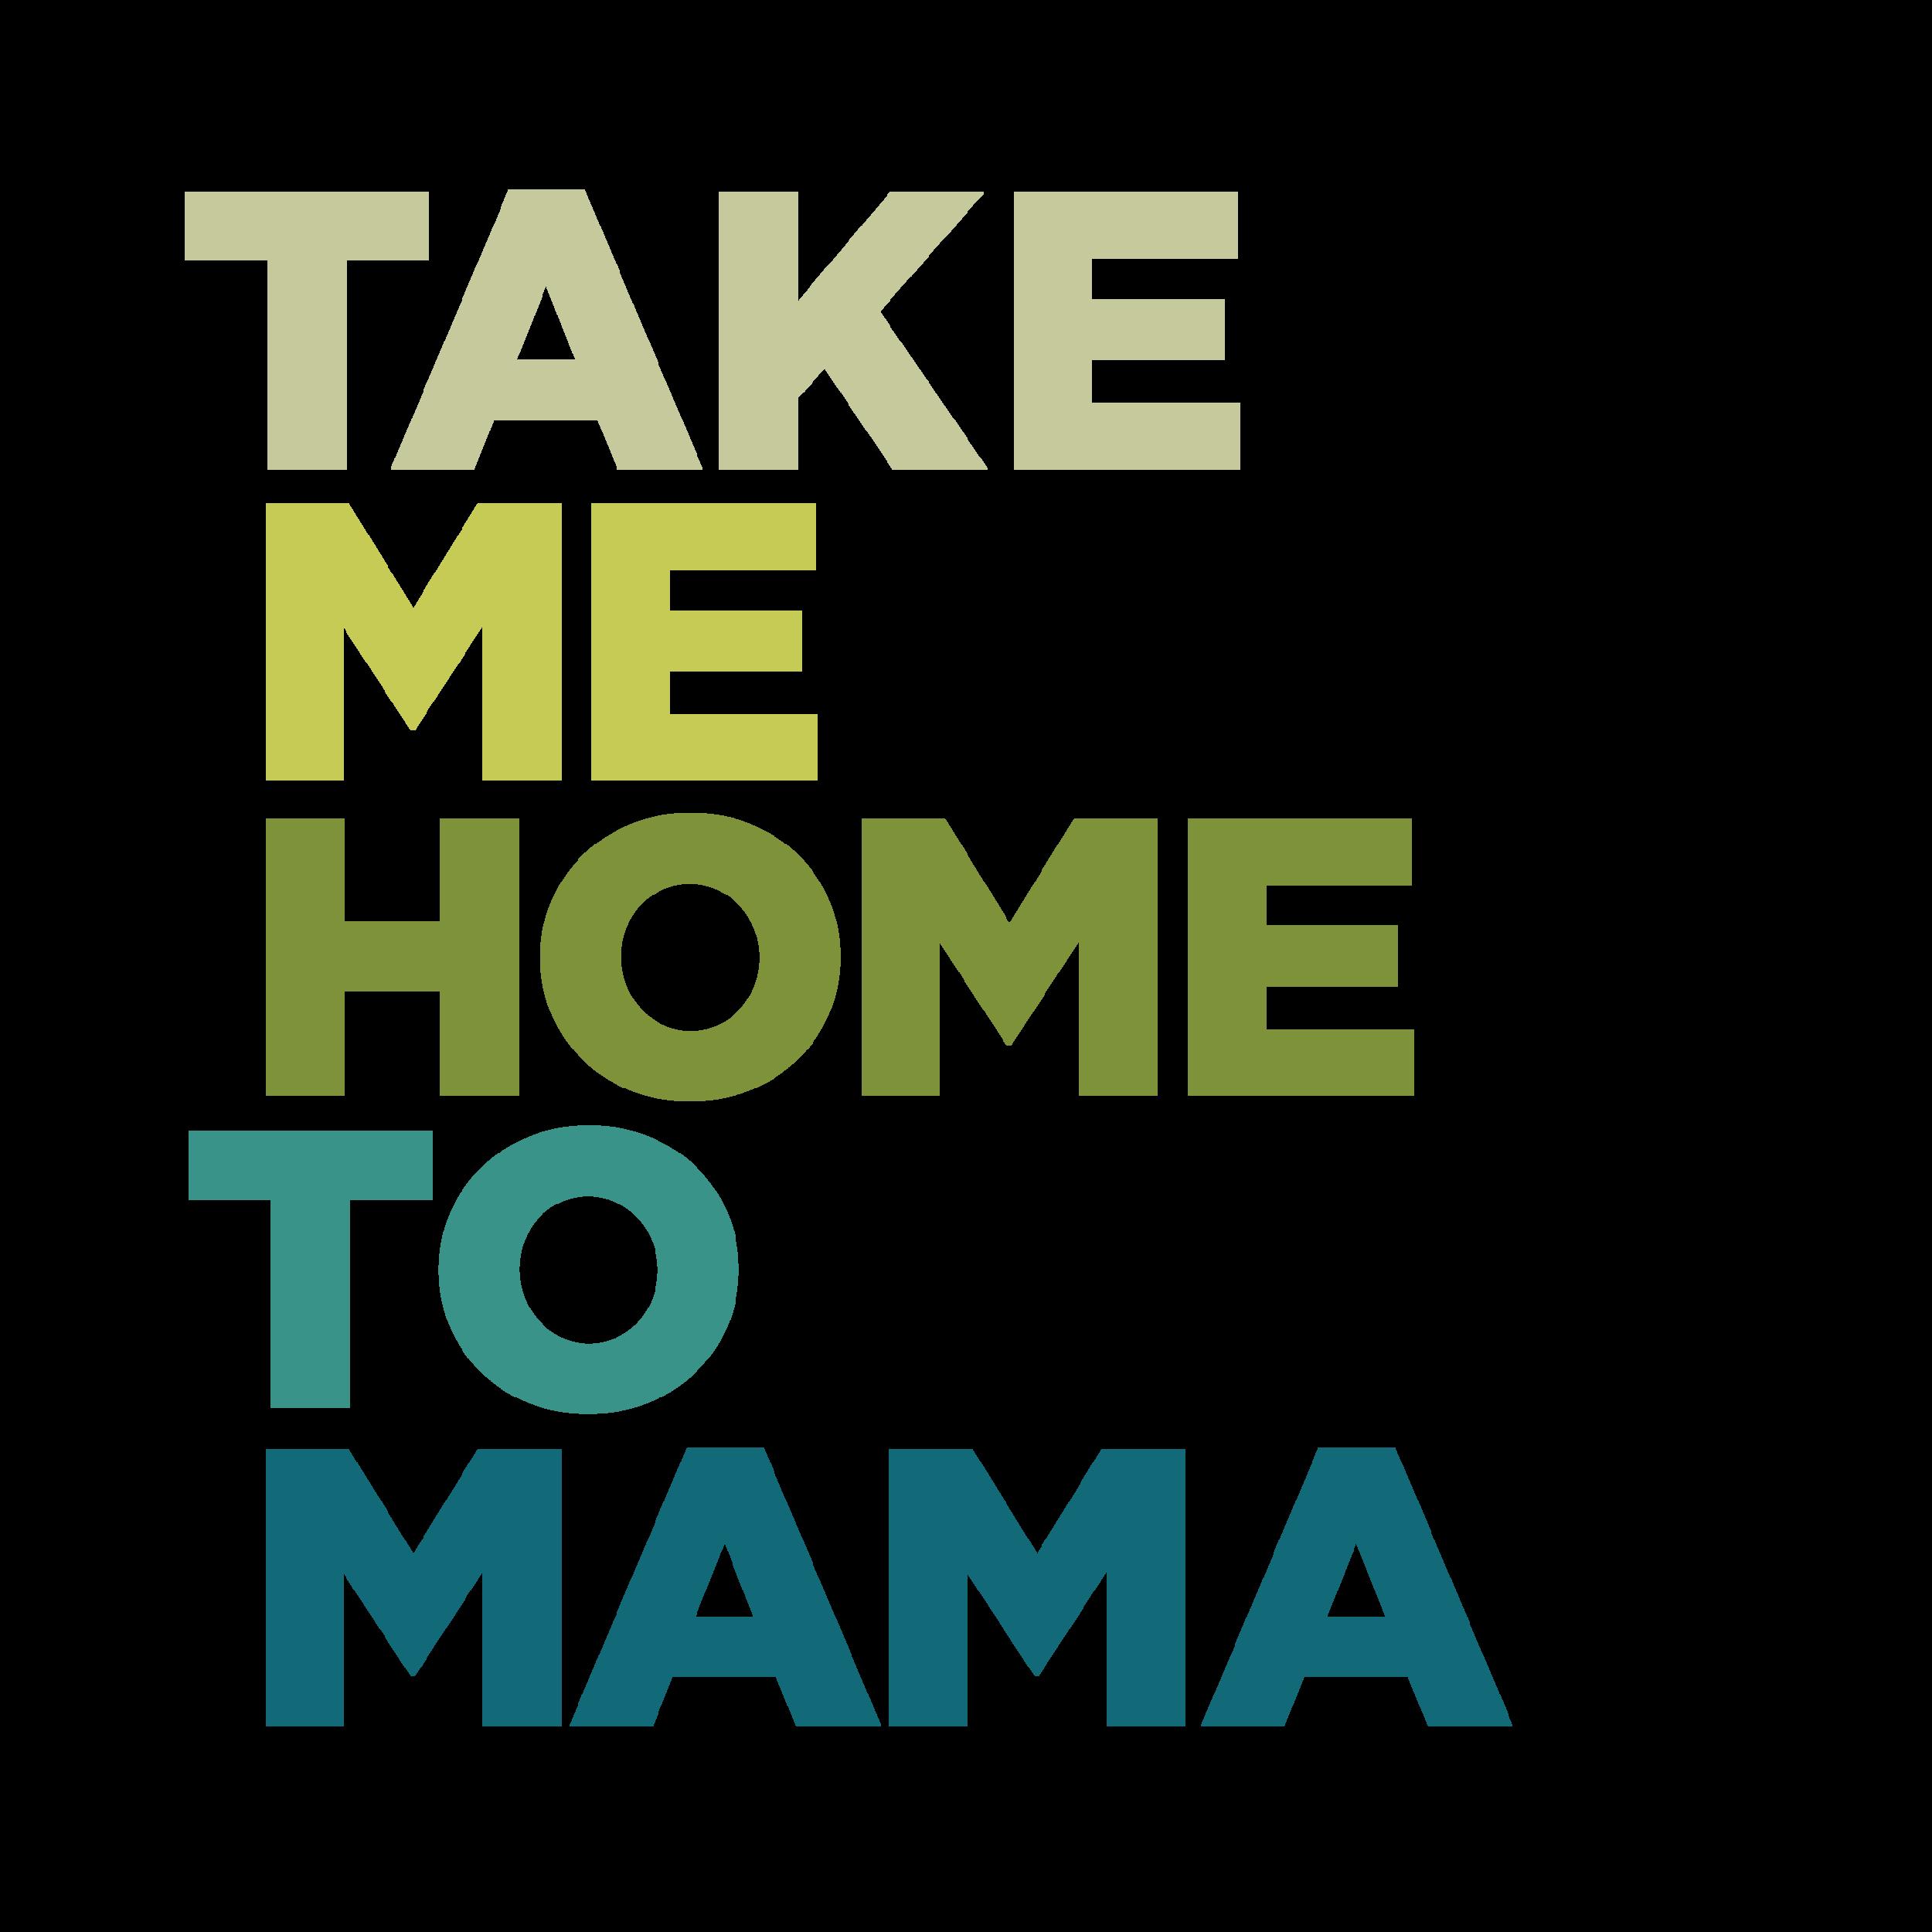 mg_take me home to mama.png